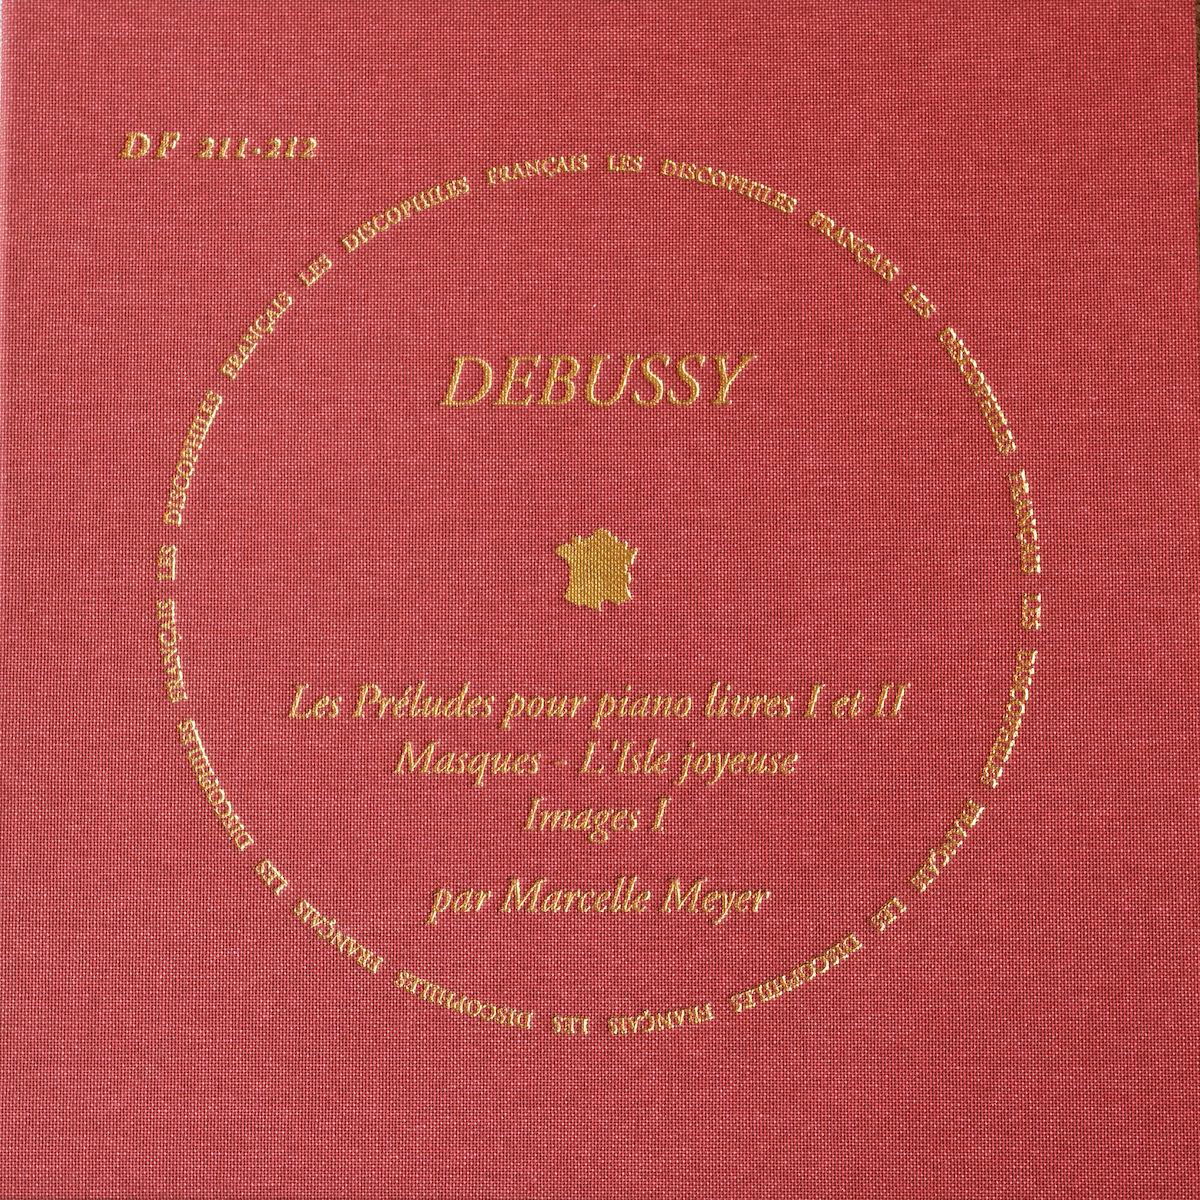 pochette-LP-tissue